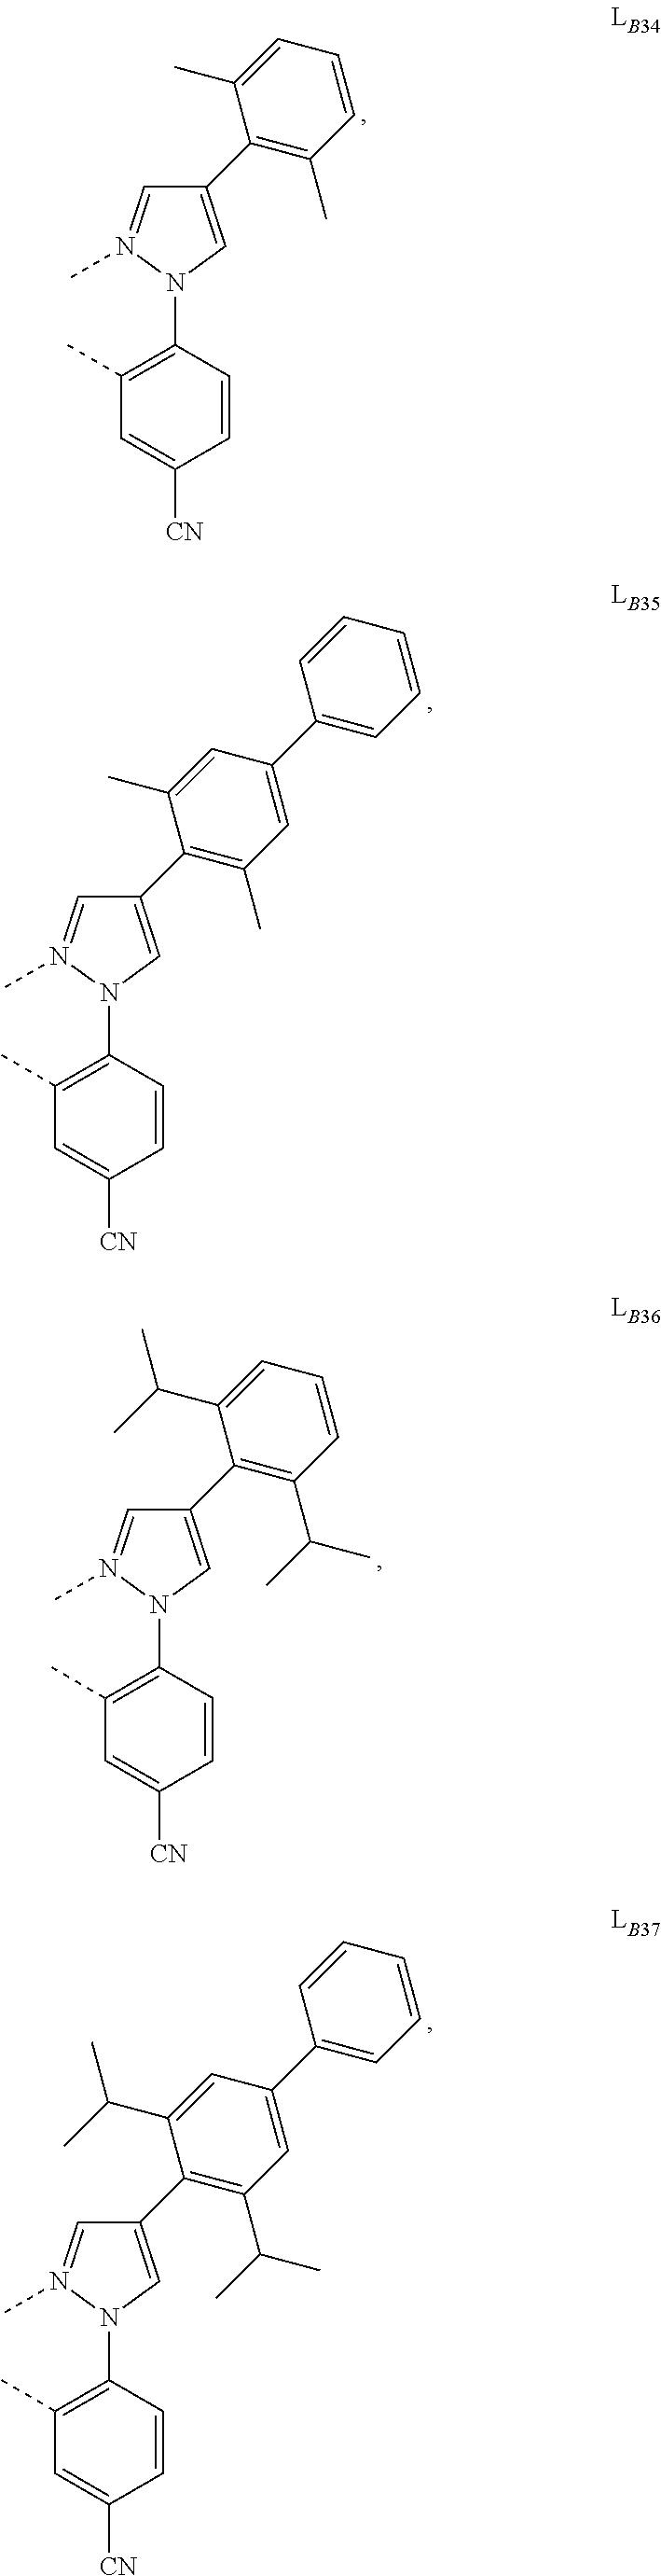 Figure US09905785-20180227-C00505